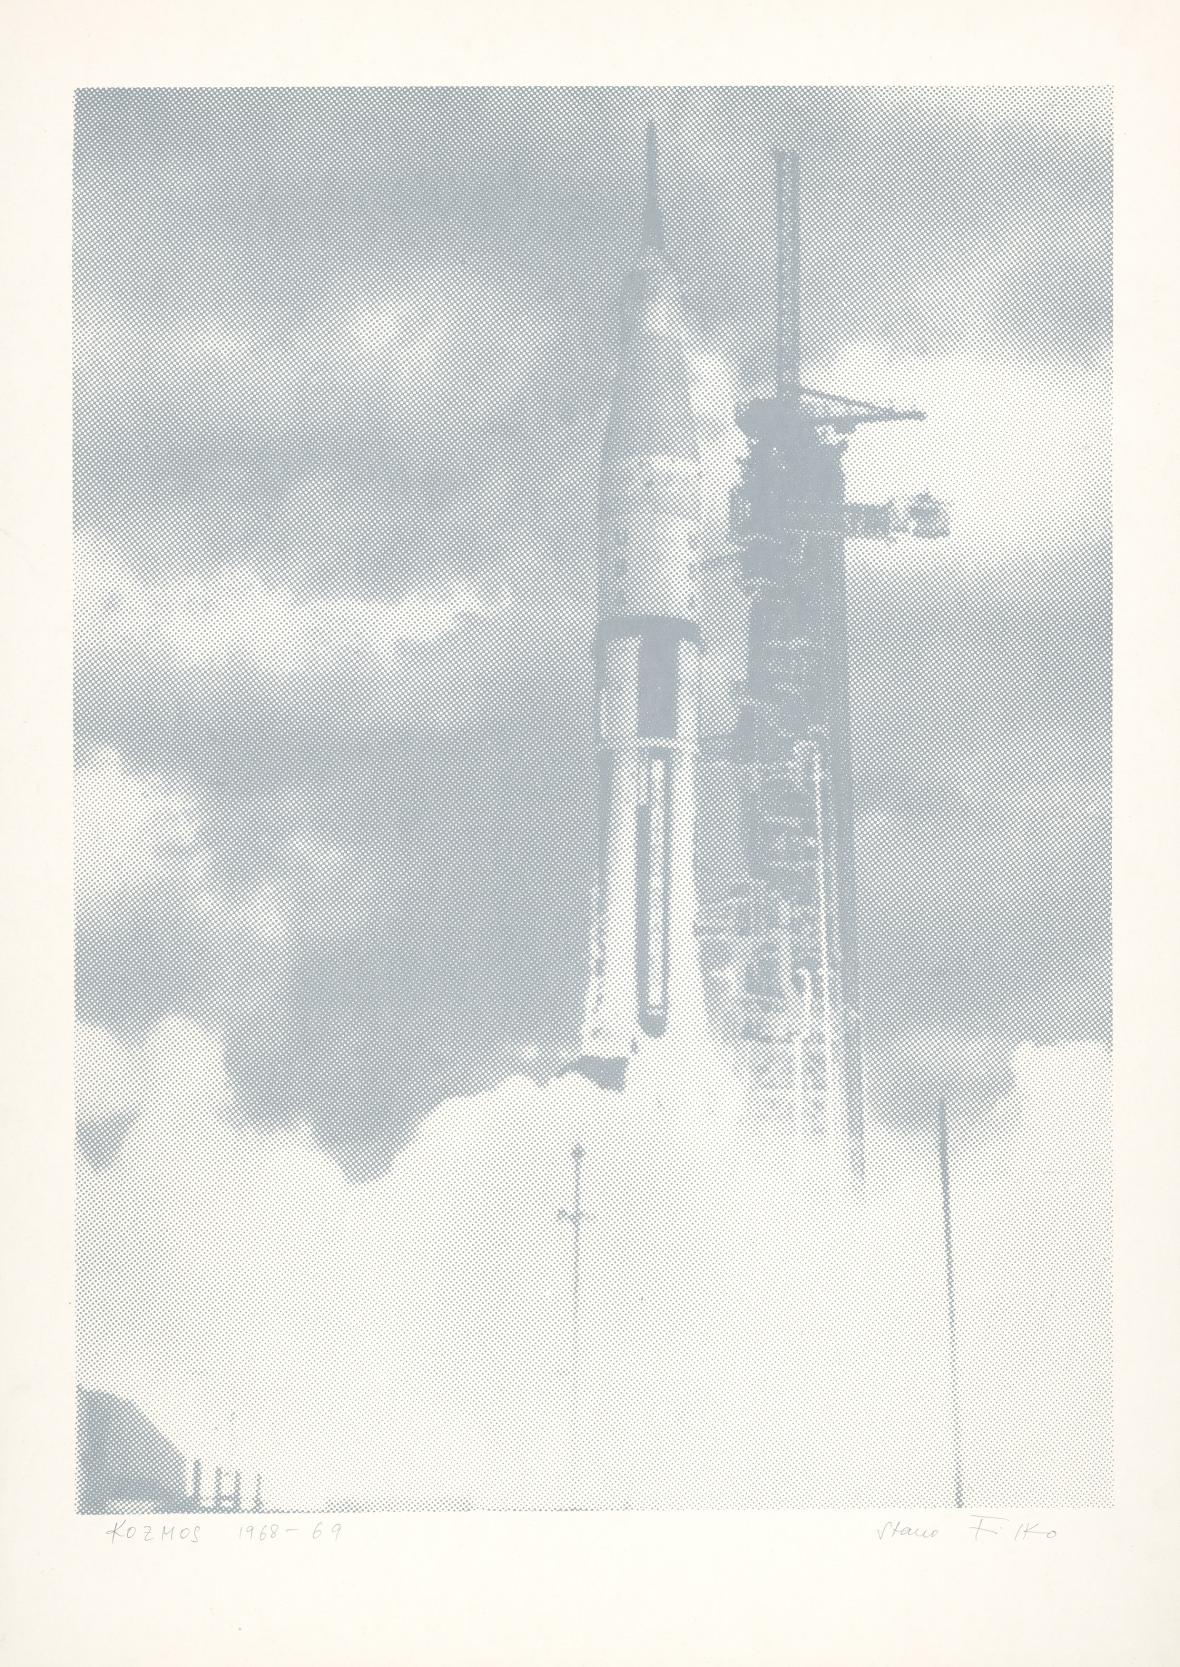 Stano Filko, Kosmos 3, 1968–1969